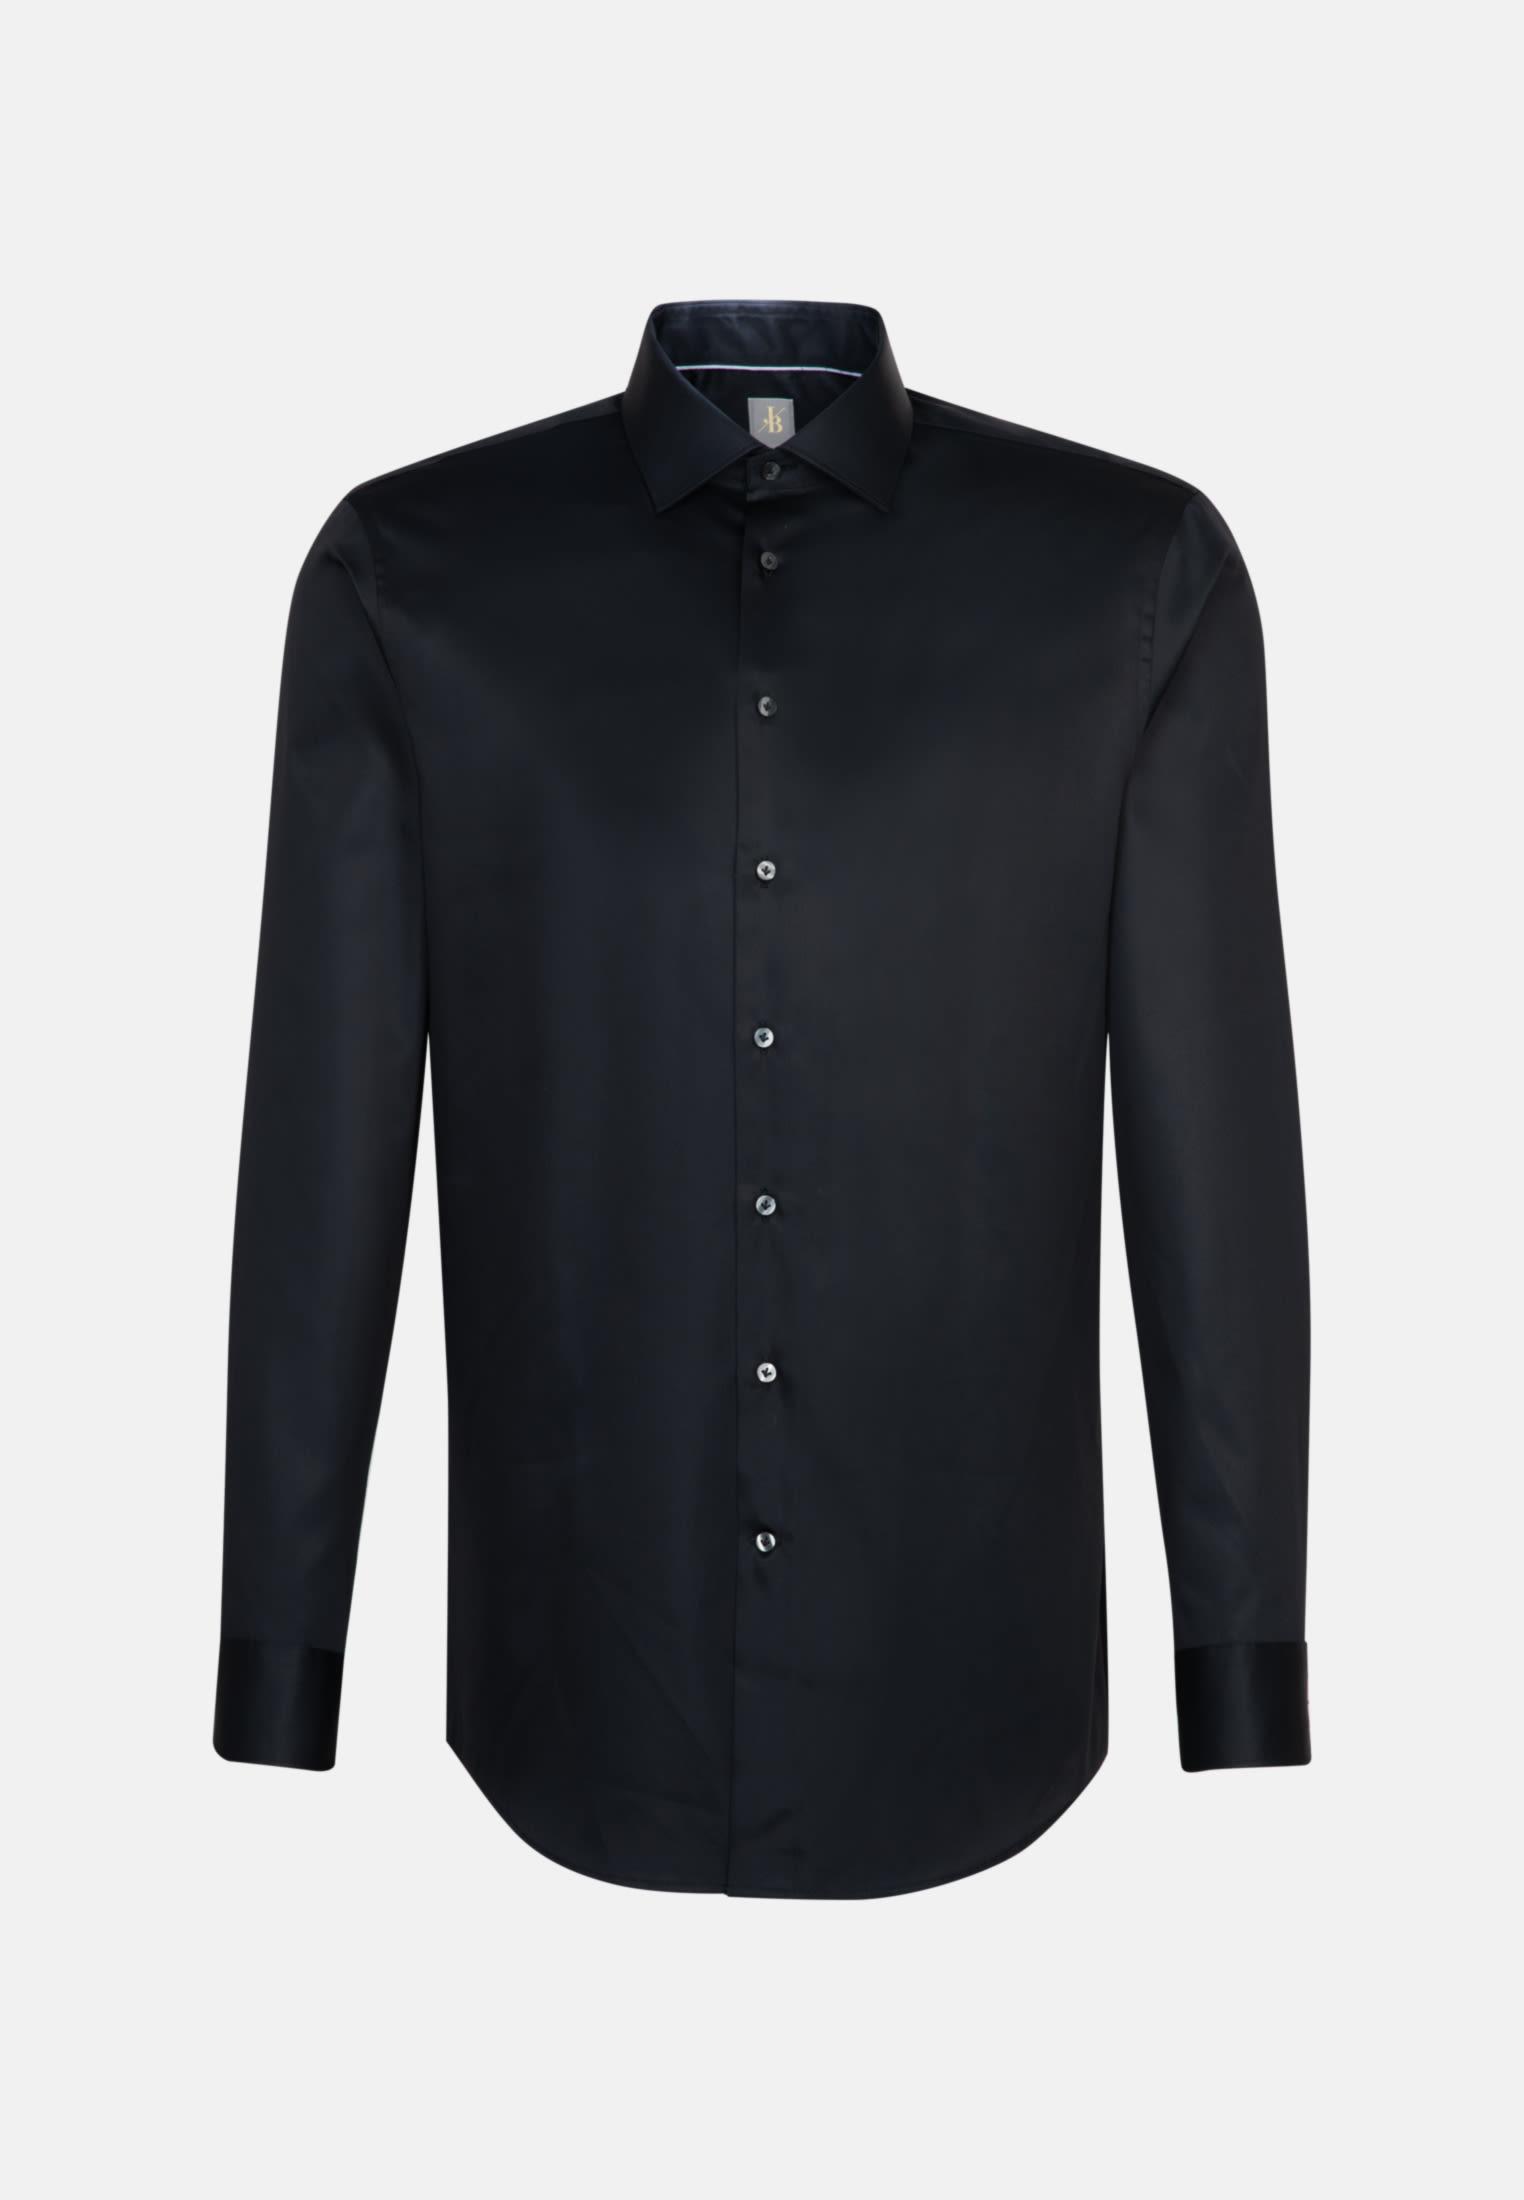 Satin Business Hemd in Custom Fit mit Kentkragen in Schwarz    Jacques Britt Onlineshop